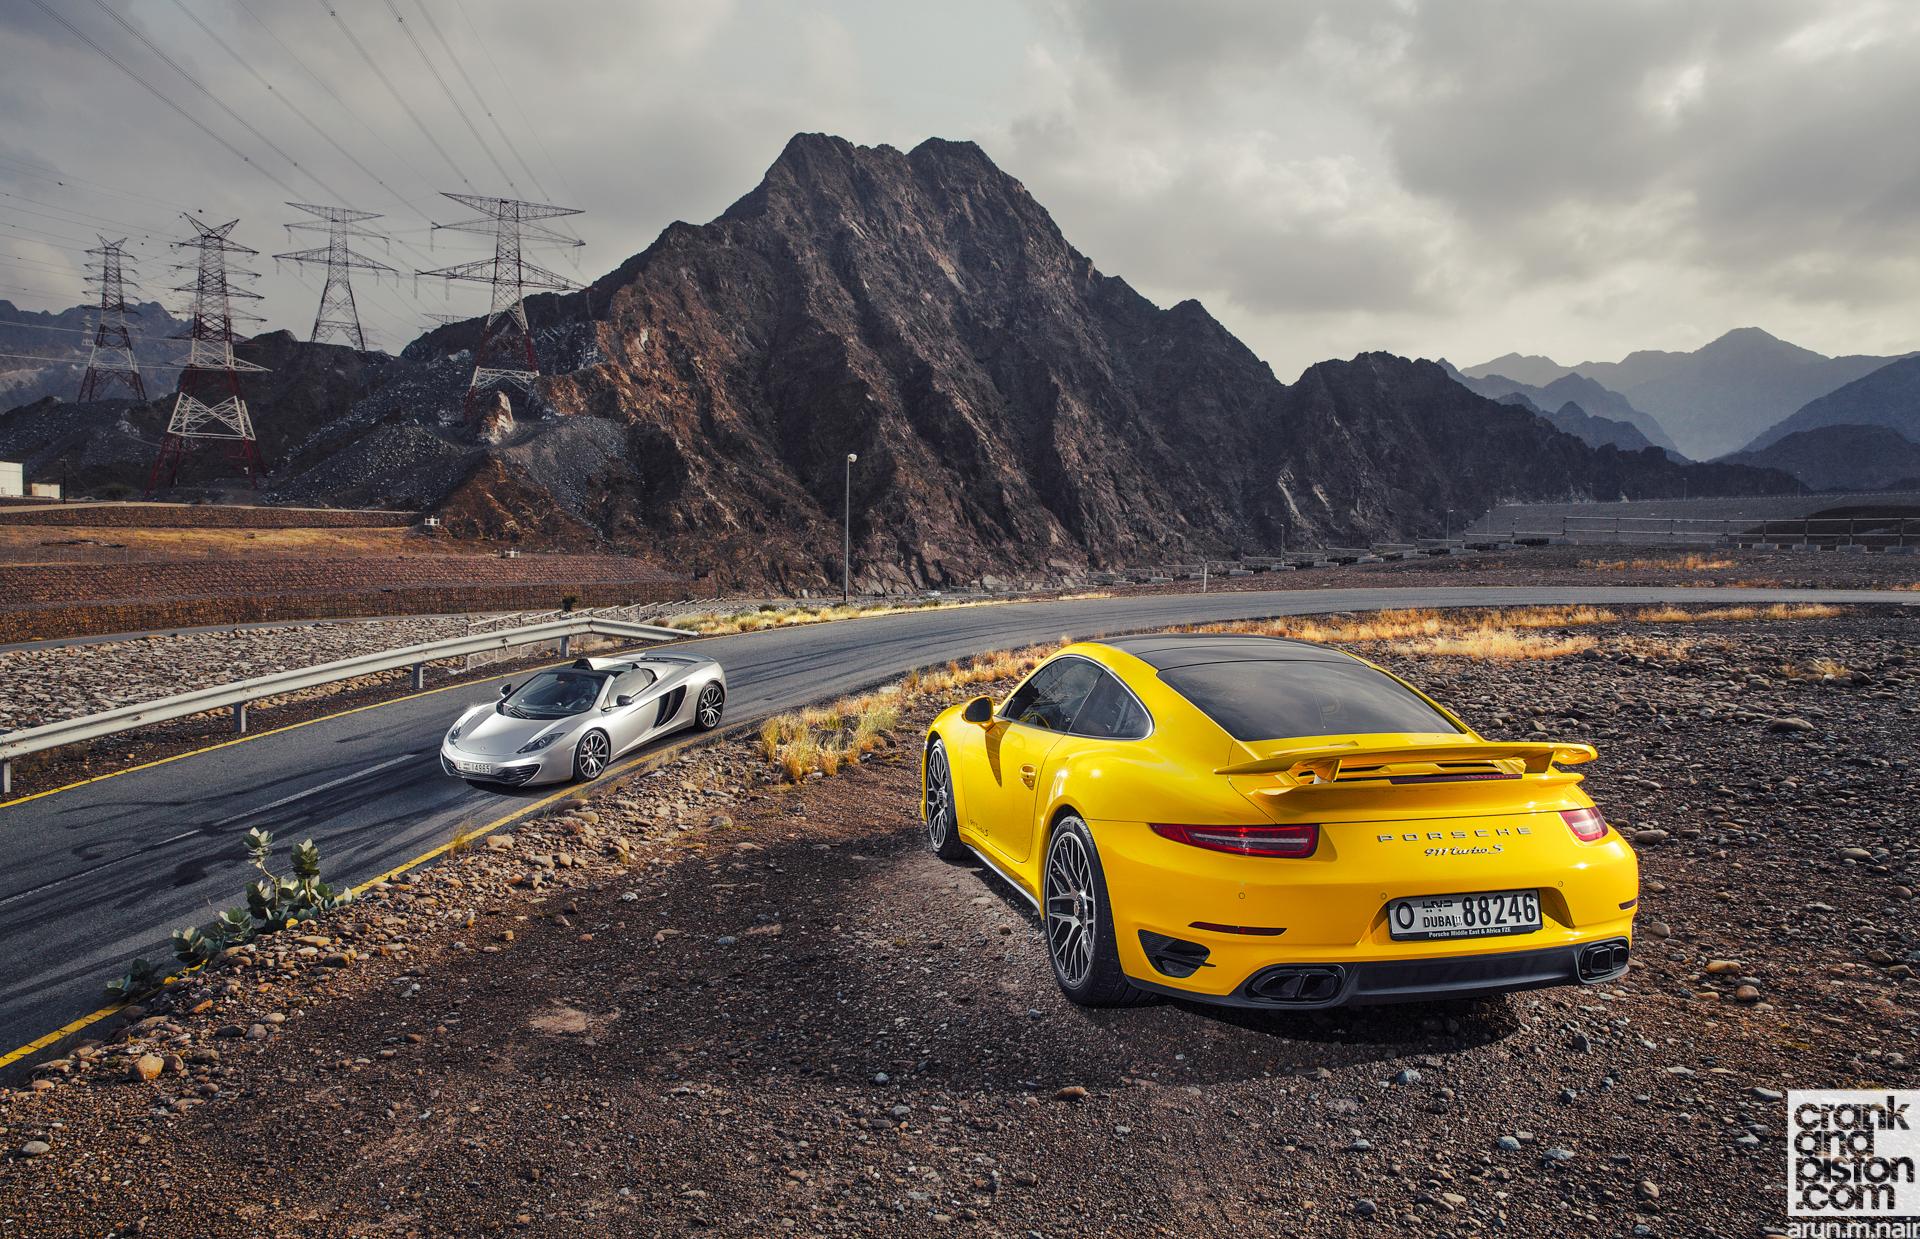 porsche 911 turbo s v mclaren 12c spider 2 crankandpistoncom - 2015 Porsche 911 Turbo Wallpaper